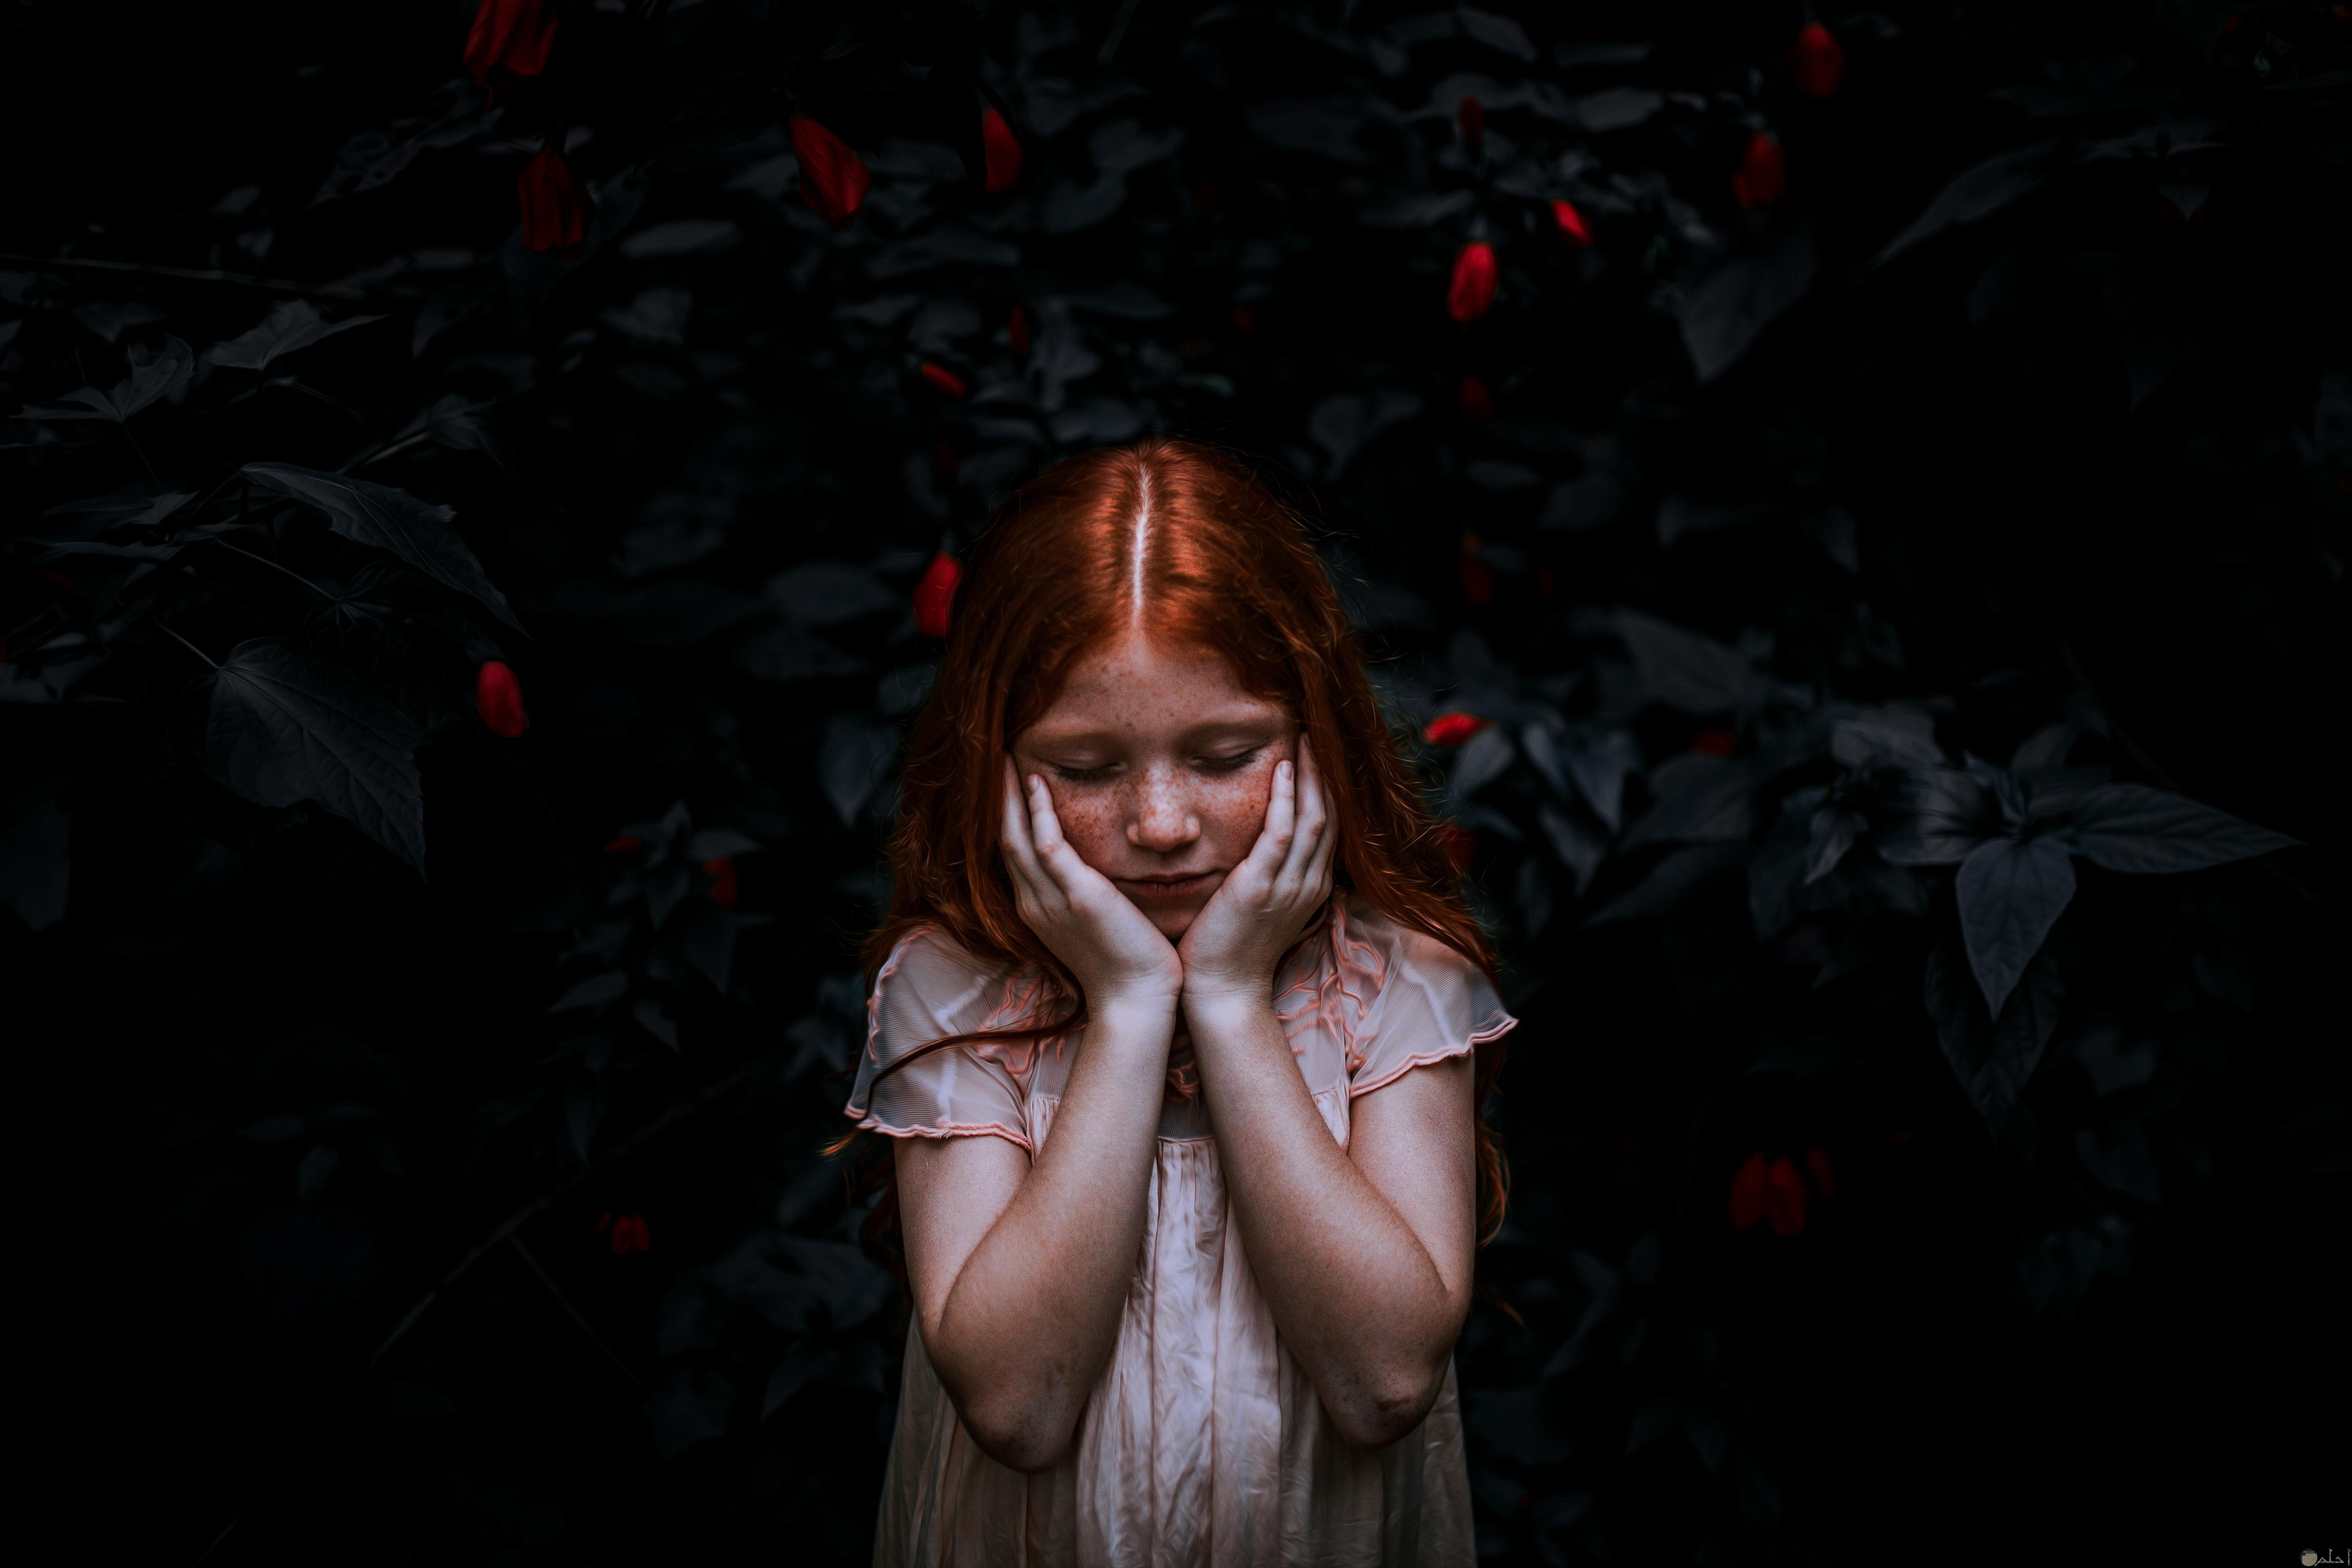 صورة بنوتة حزينة